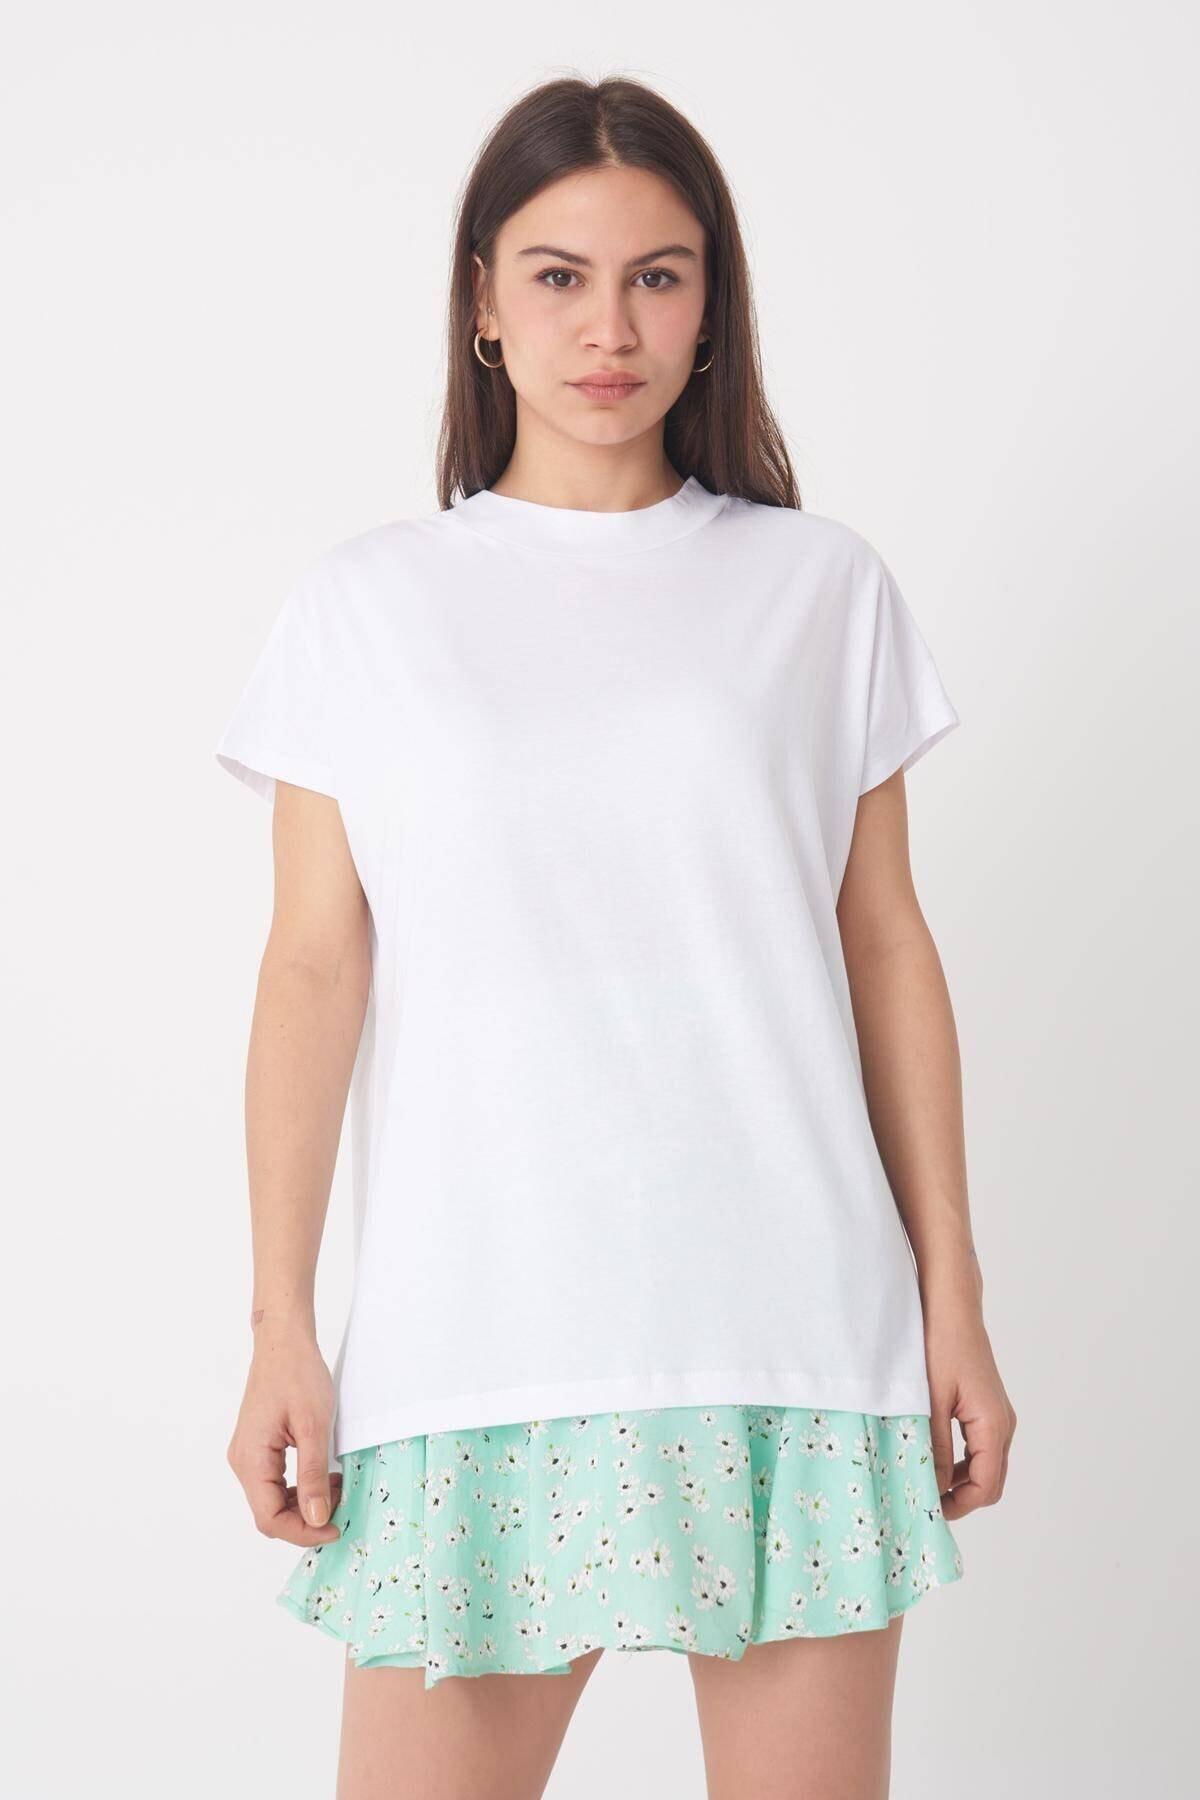 Addax Kadın Beyaz Basic Tişört P0769 - U13 ADX-0000020933 1